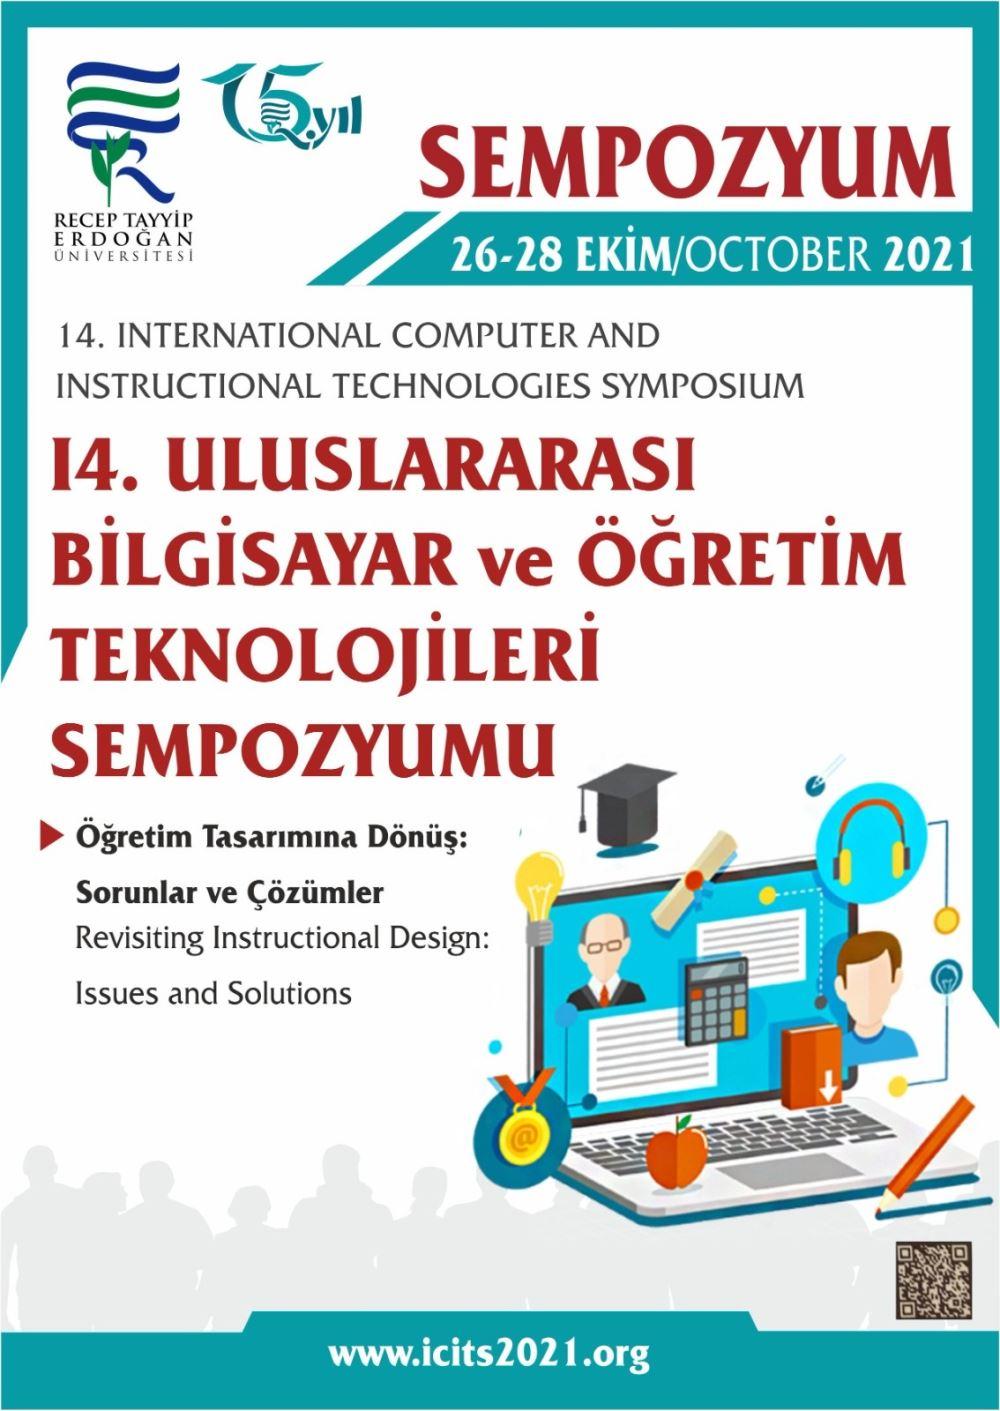 14. uluslararası bilgisayar ve öğretim teknolojileri